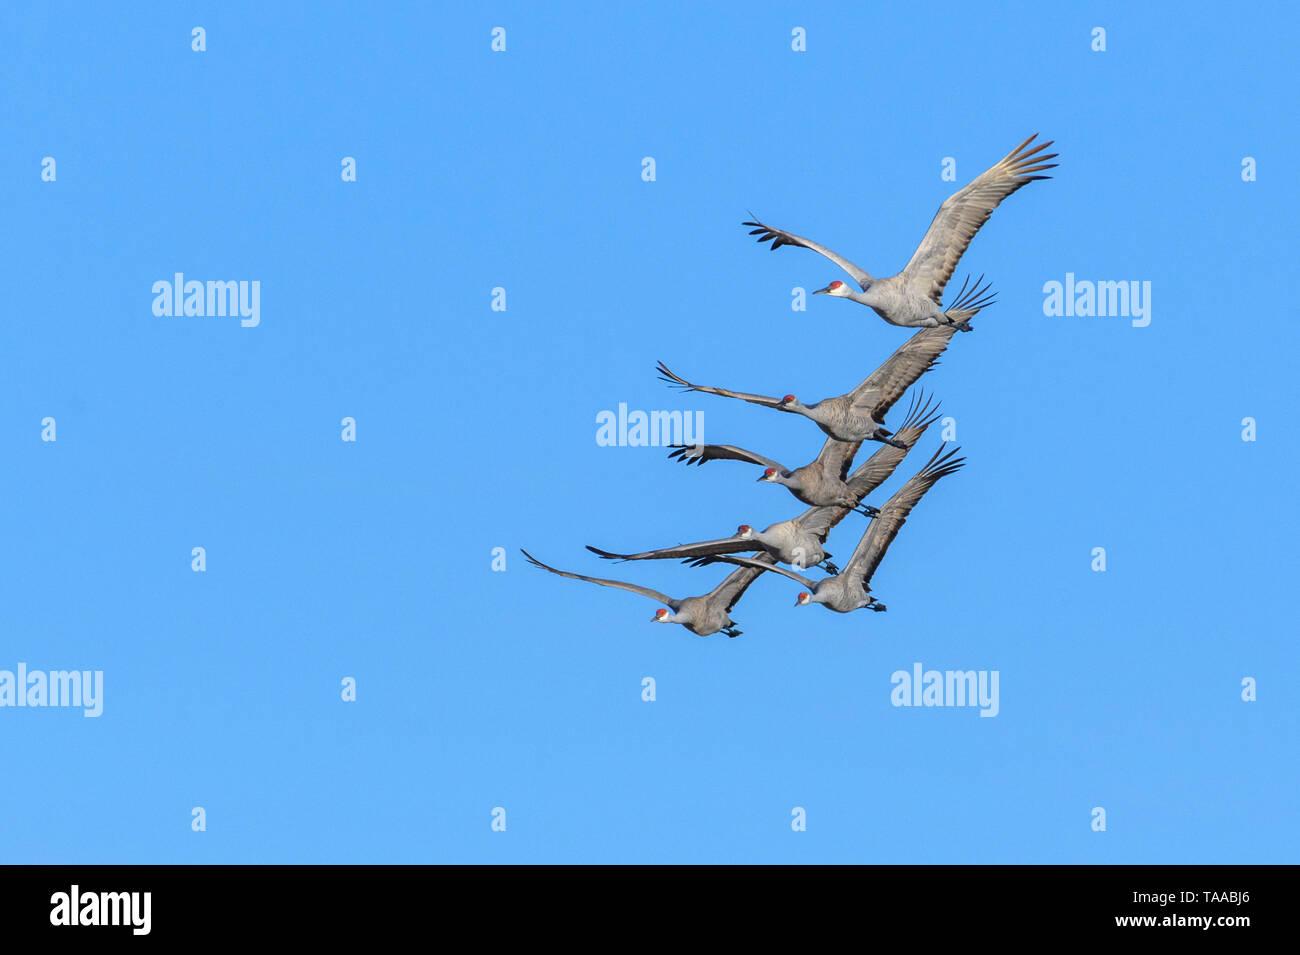 Sandhill Cranes in flight near the Platte River in Nebraska. - Stock Image